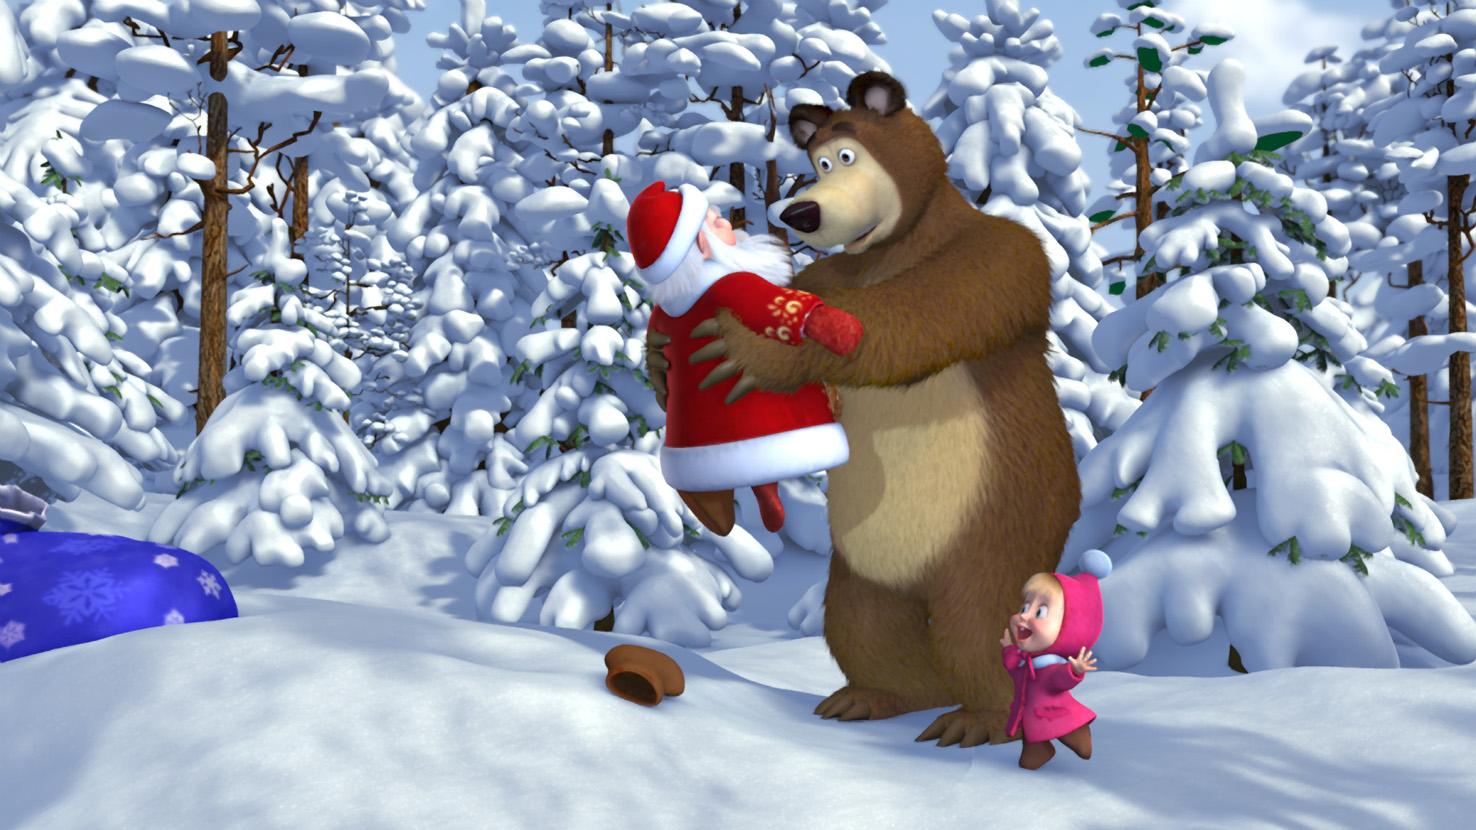 Маша и Медведь и дед Мороз - C наступающим новым годом 2020 поздравительные картинки